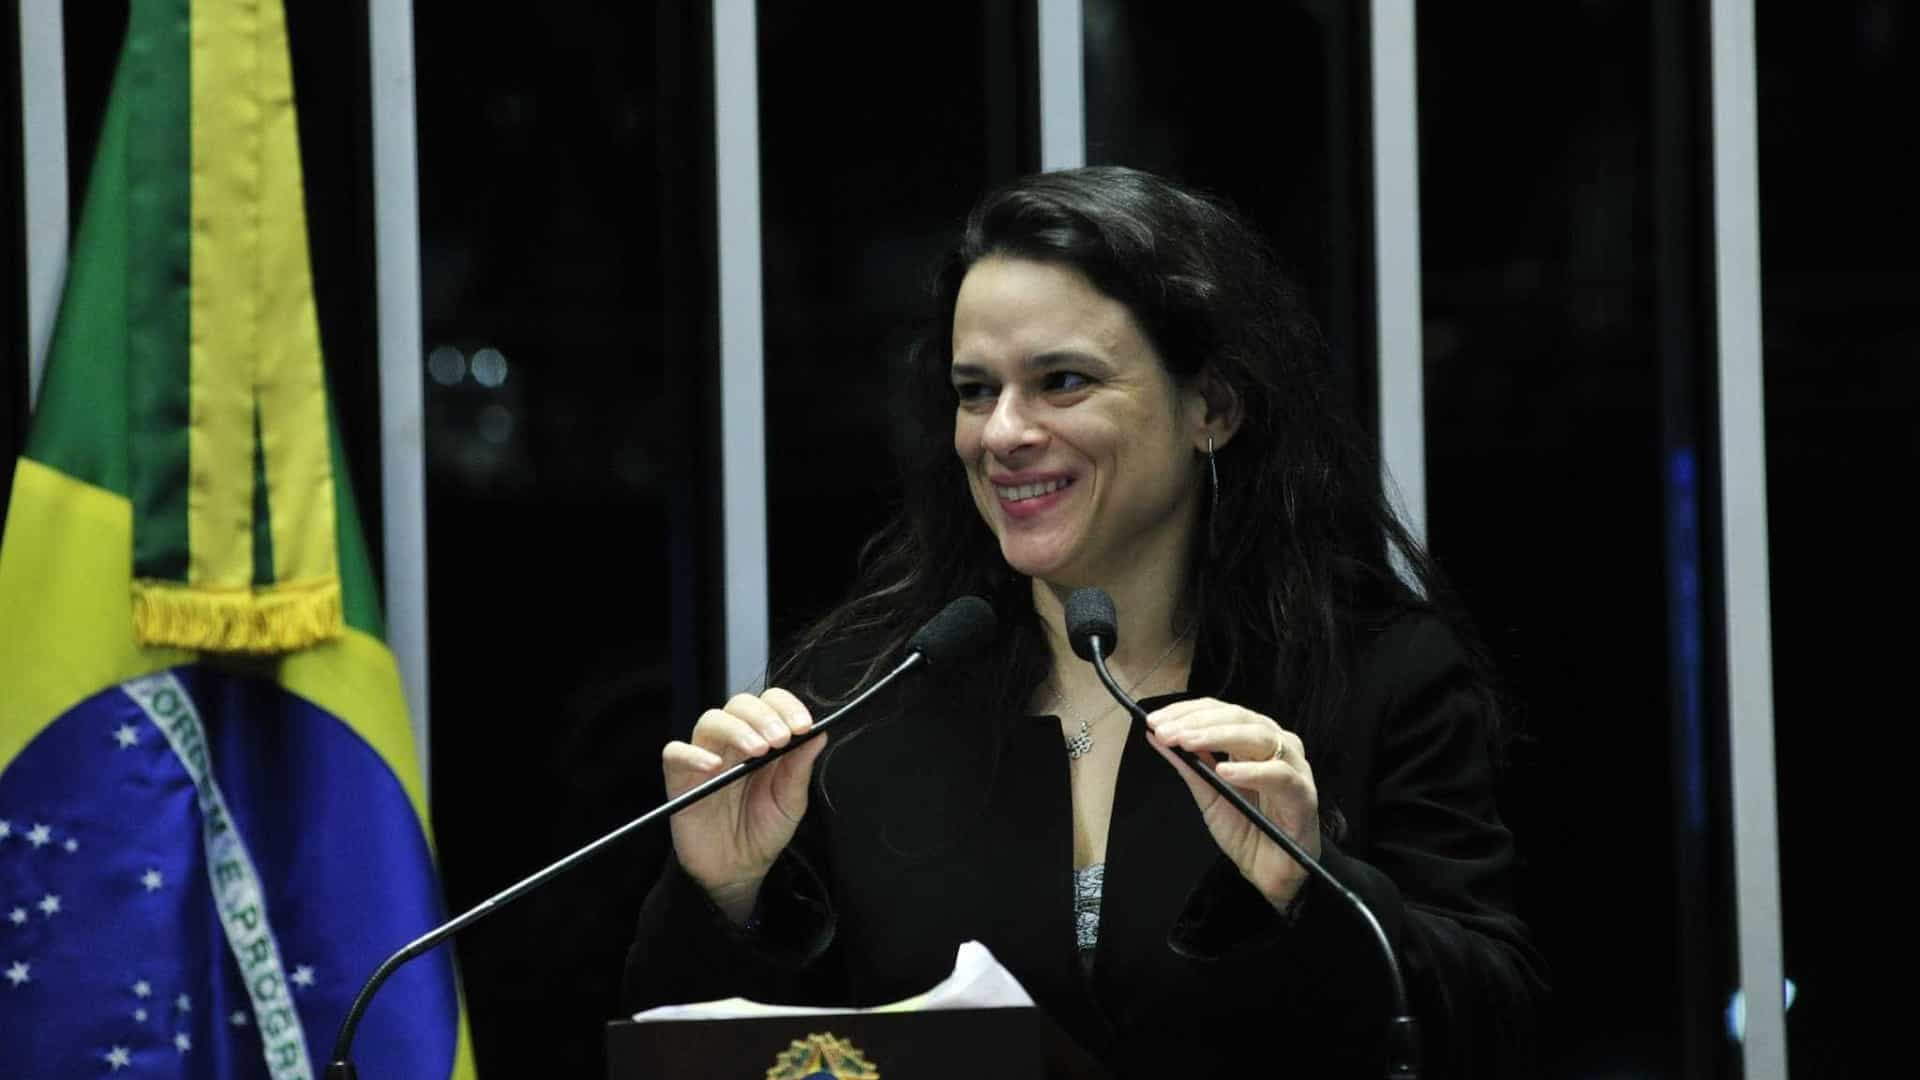 Janaina Paschoal a ministro da Educação: Contrate um assessor jurídico